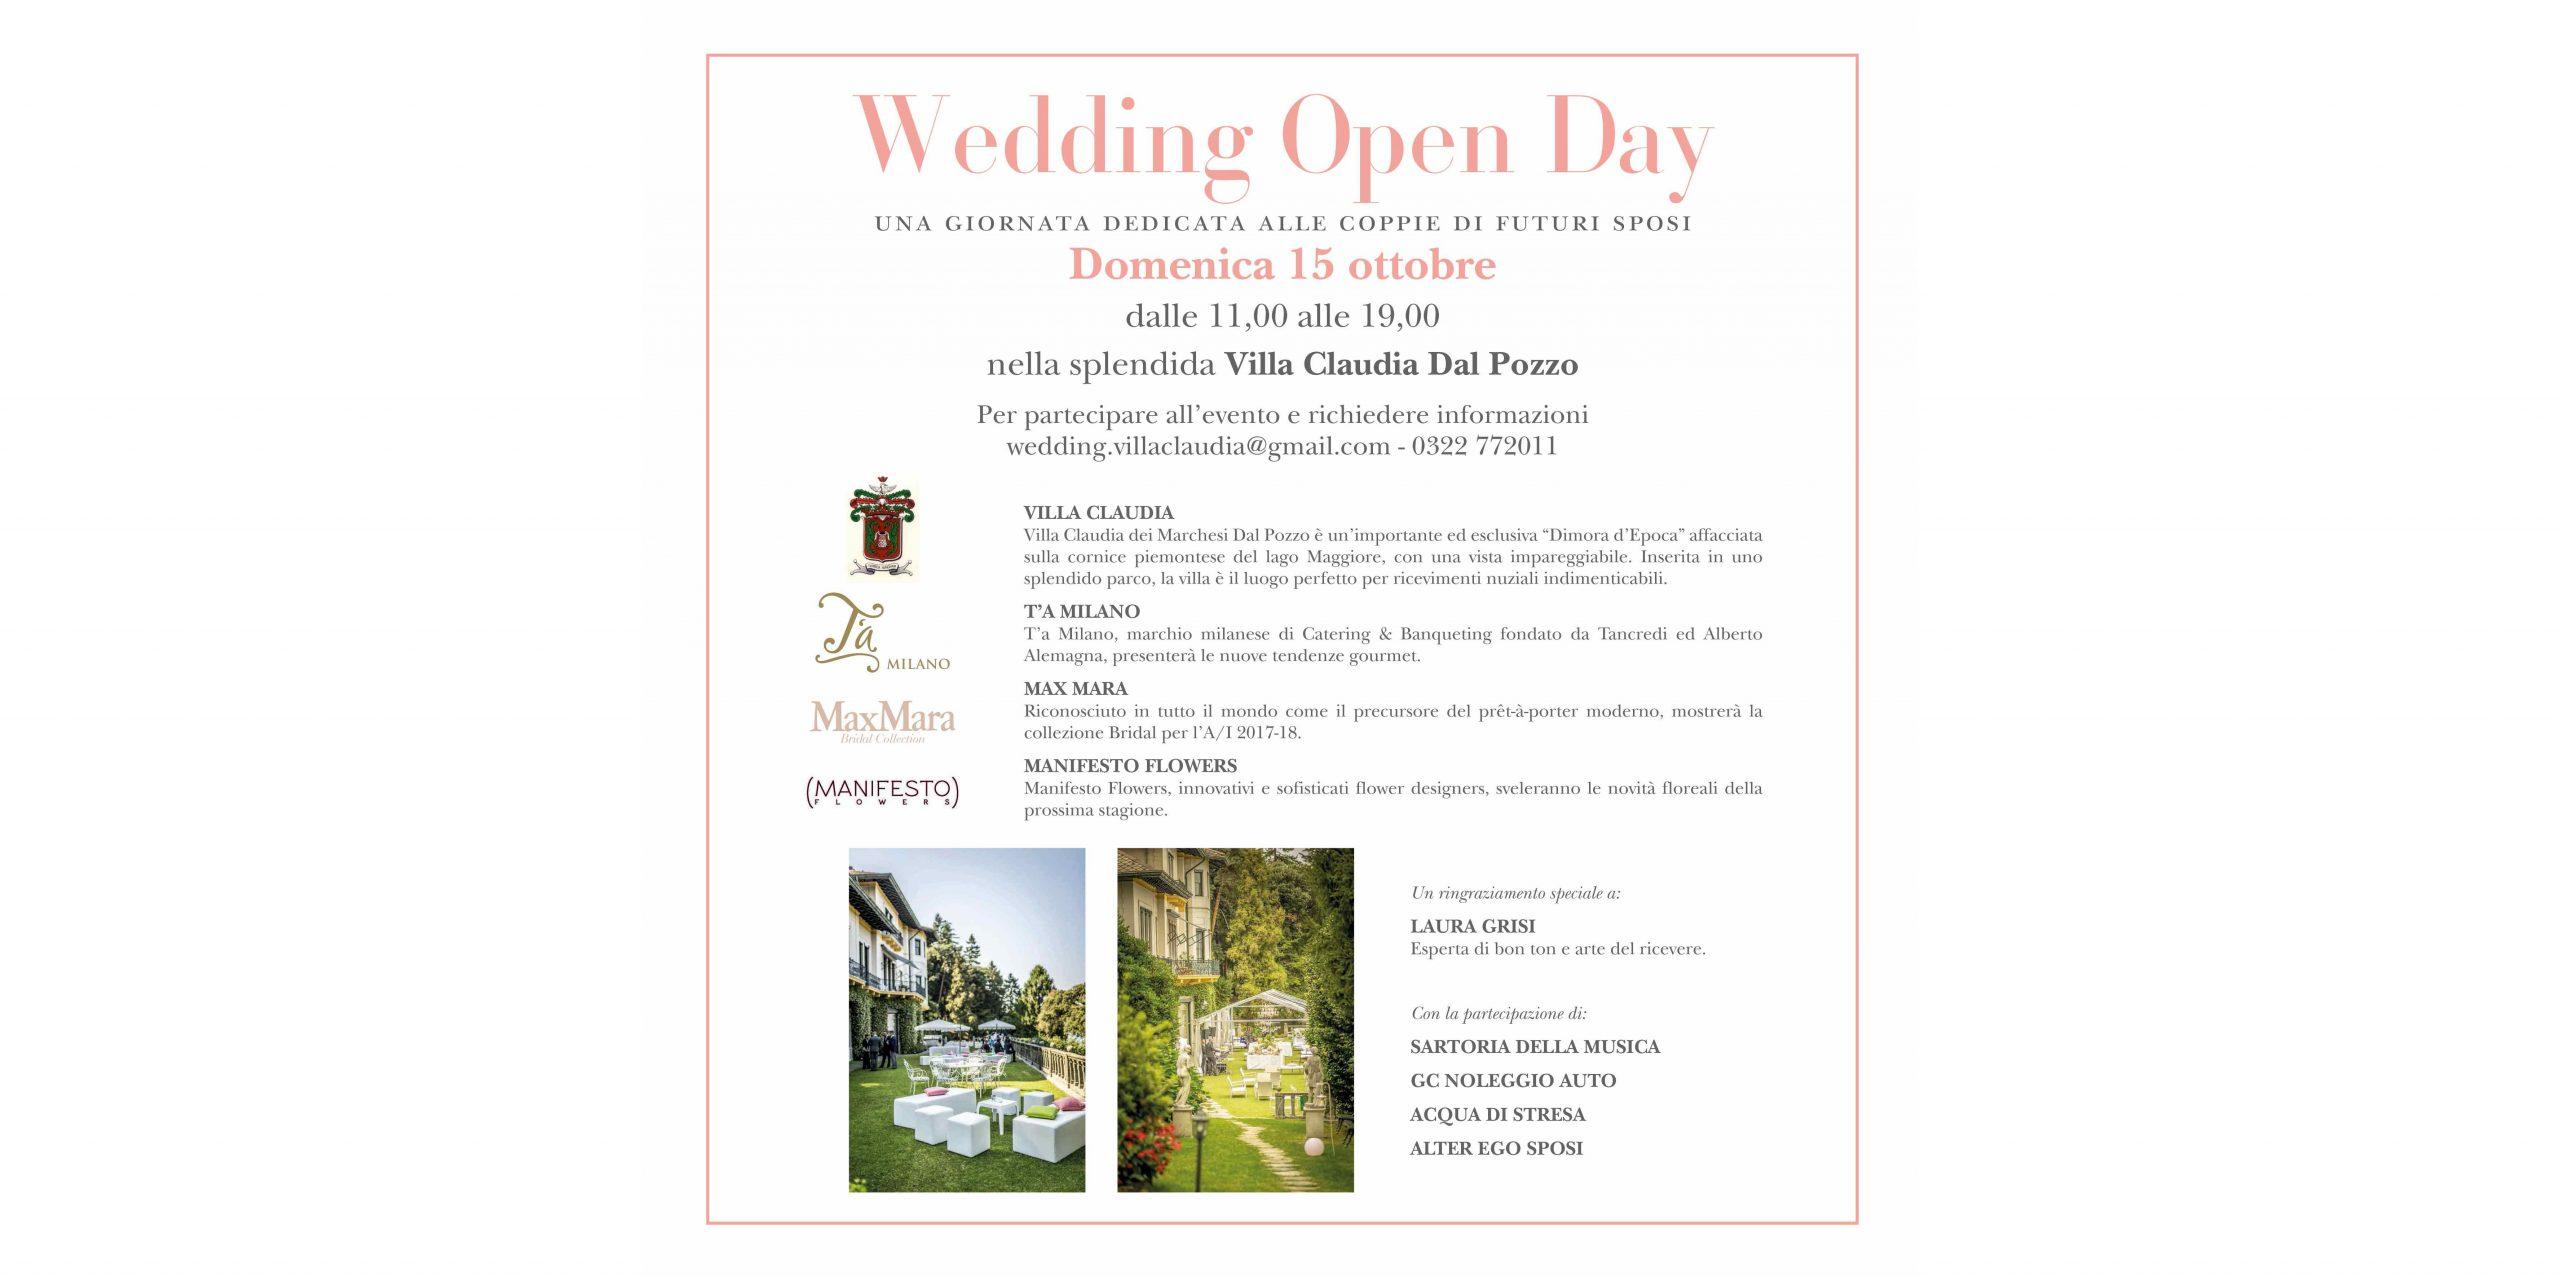 DOMENICA 15 OTTOBRE – WEDDING OPEN DAY A VILLA CLAUDIA DAL POZZO